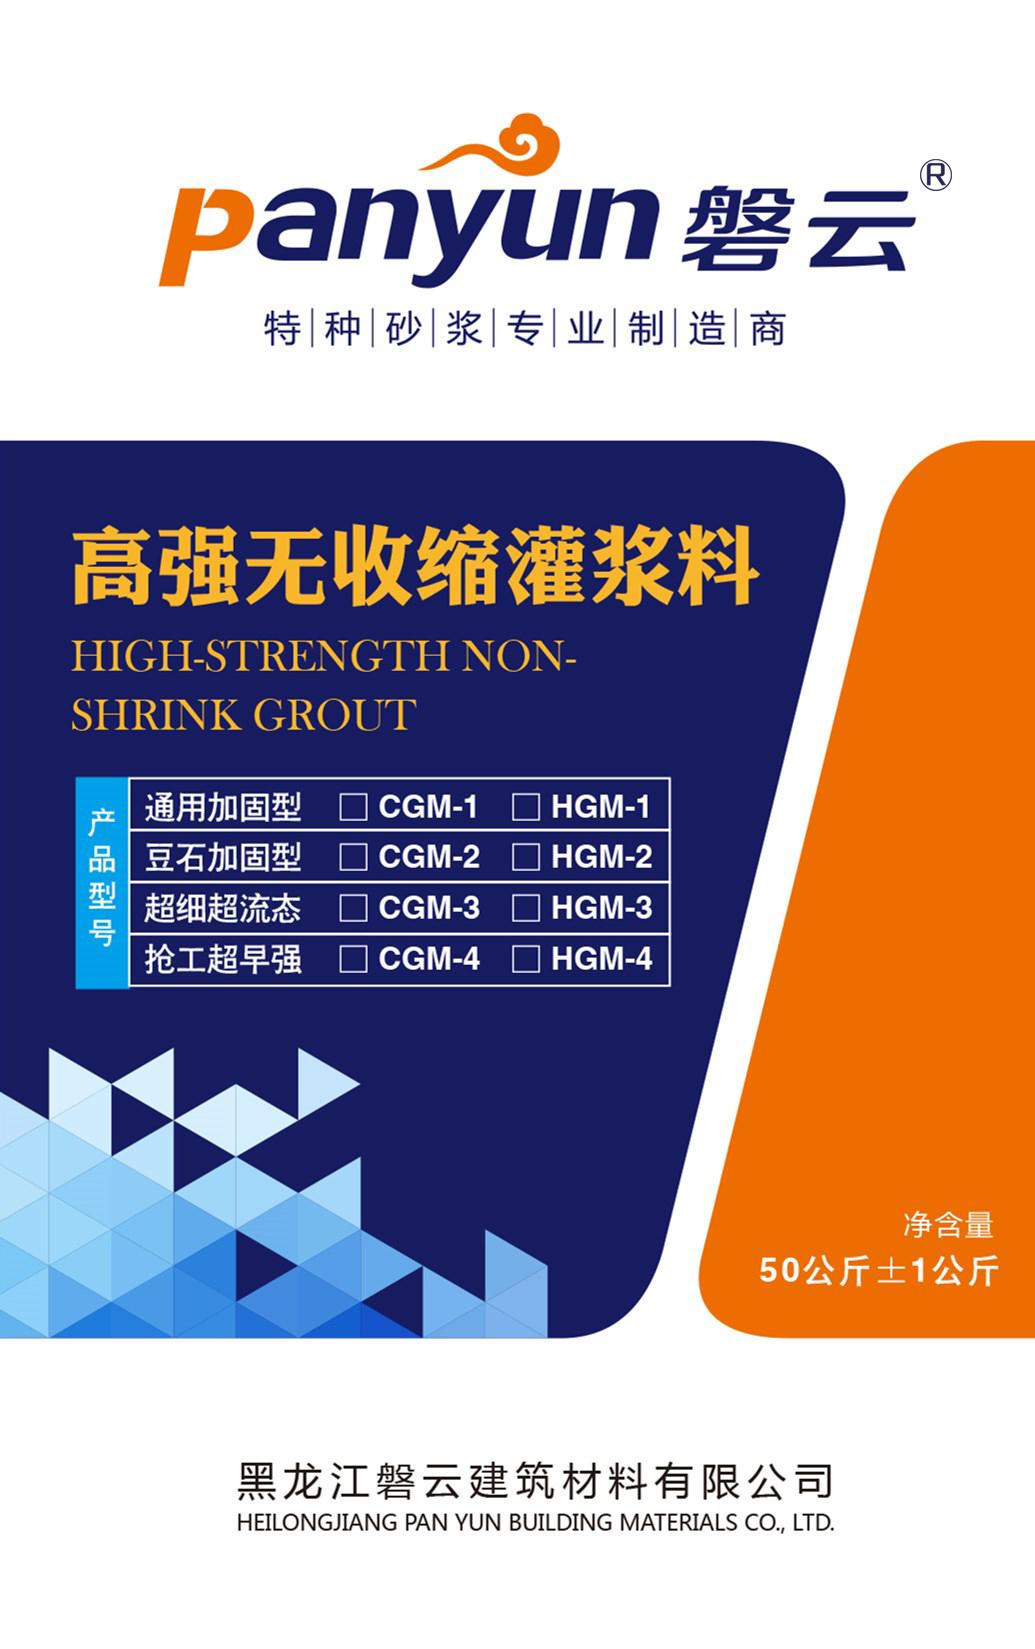 HGM-2豆石加固型灌浆料 哈尔滨灌浆料 哈尔滨灌浆料厂家 灌浆料技术指导